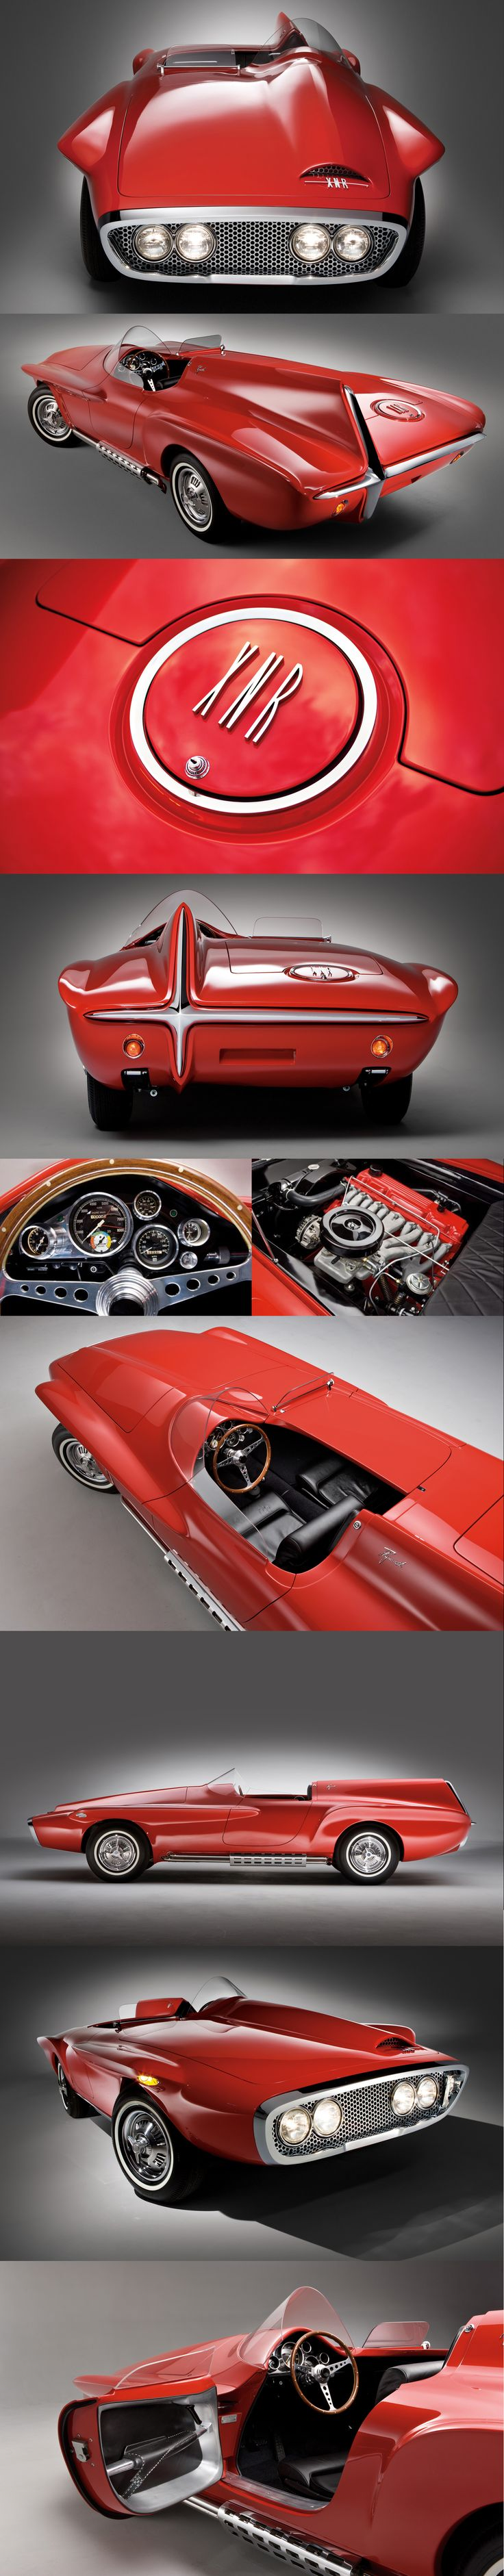 Roadster Plymouth XNR, construit par Ghia, moteur 6 cylindres en ligne incliné, design Virgil Exner, lancé par le groupe Chrysler en 1960